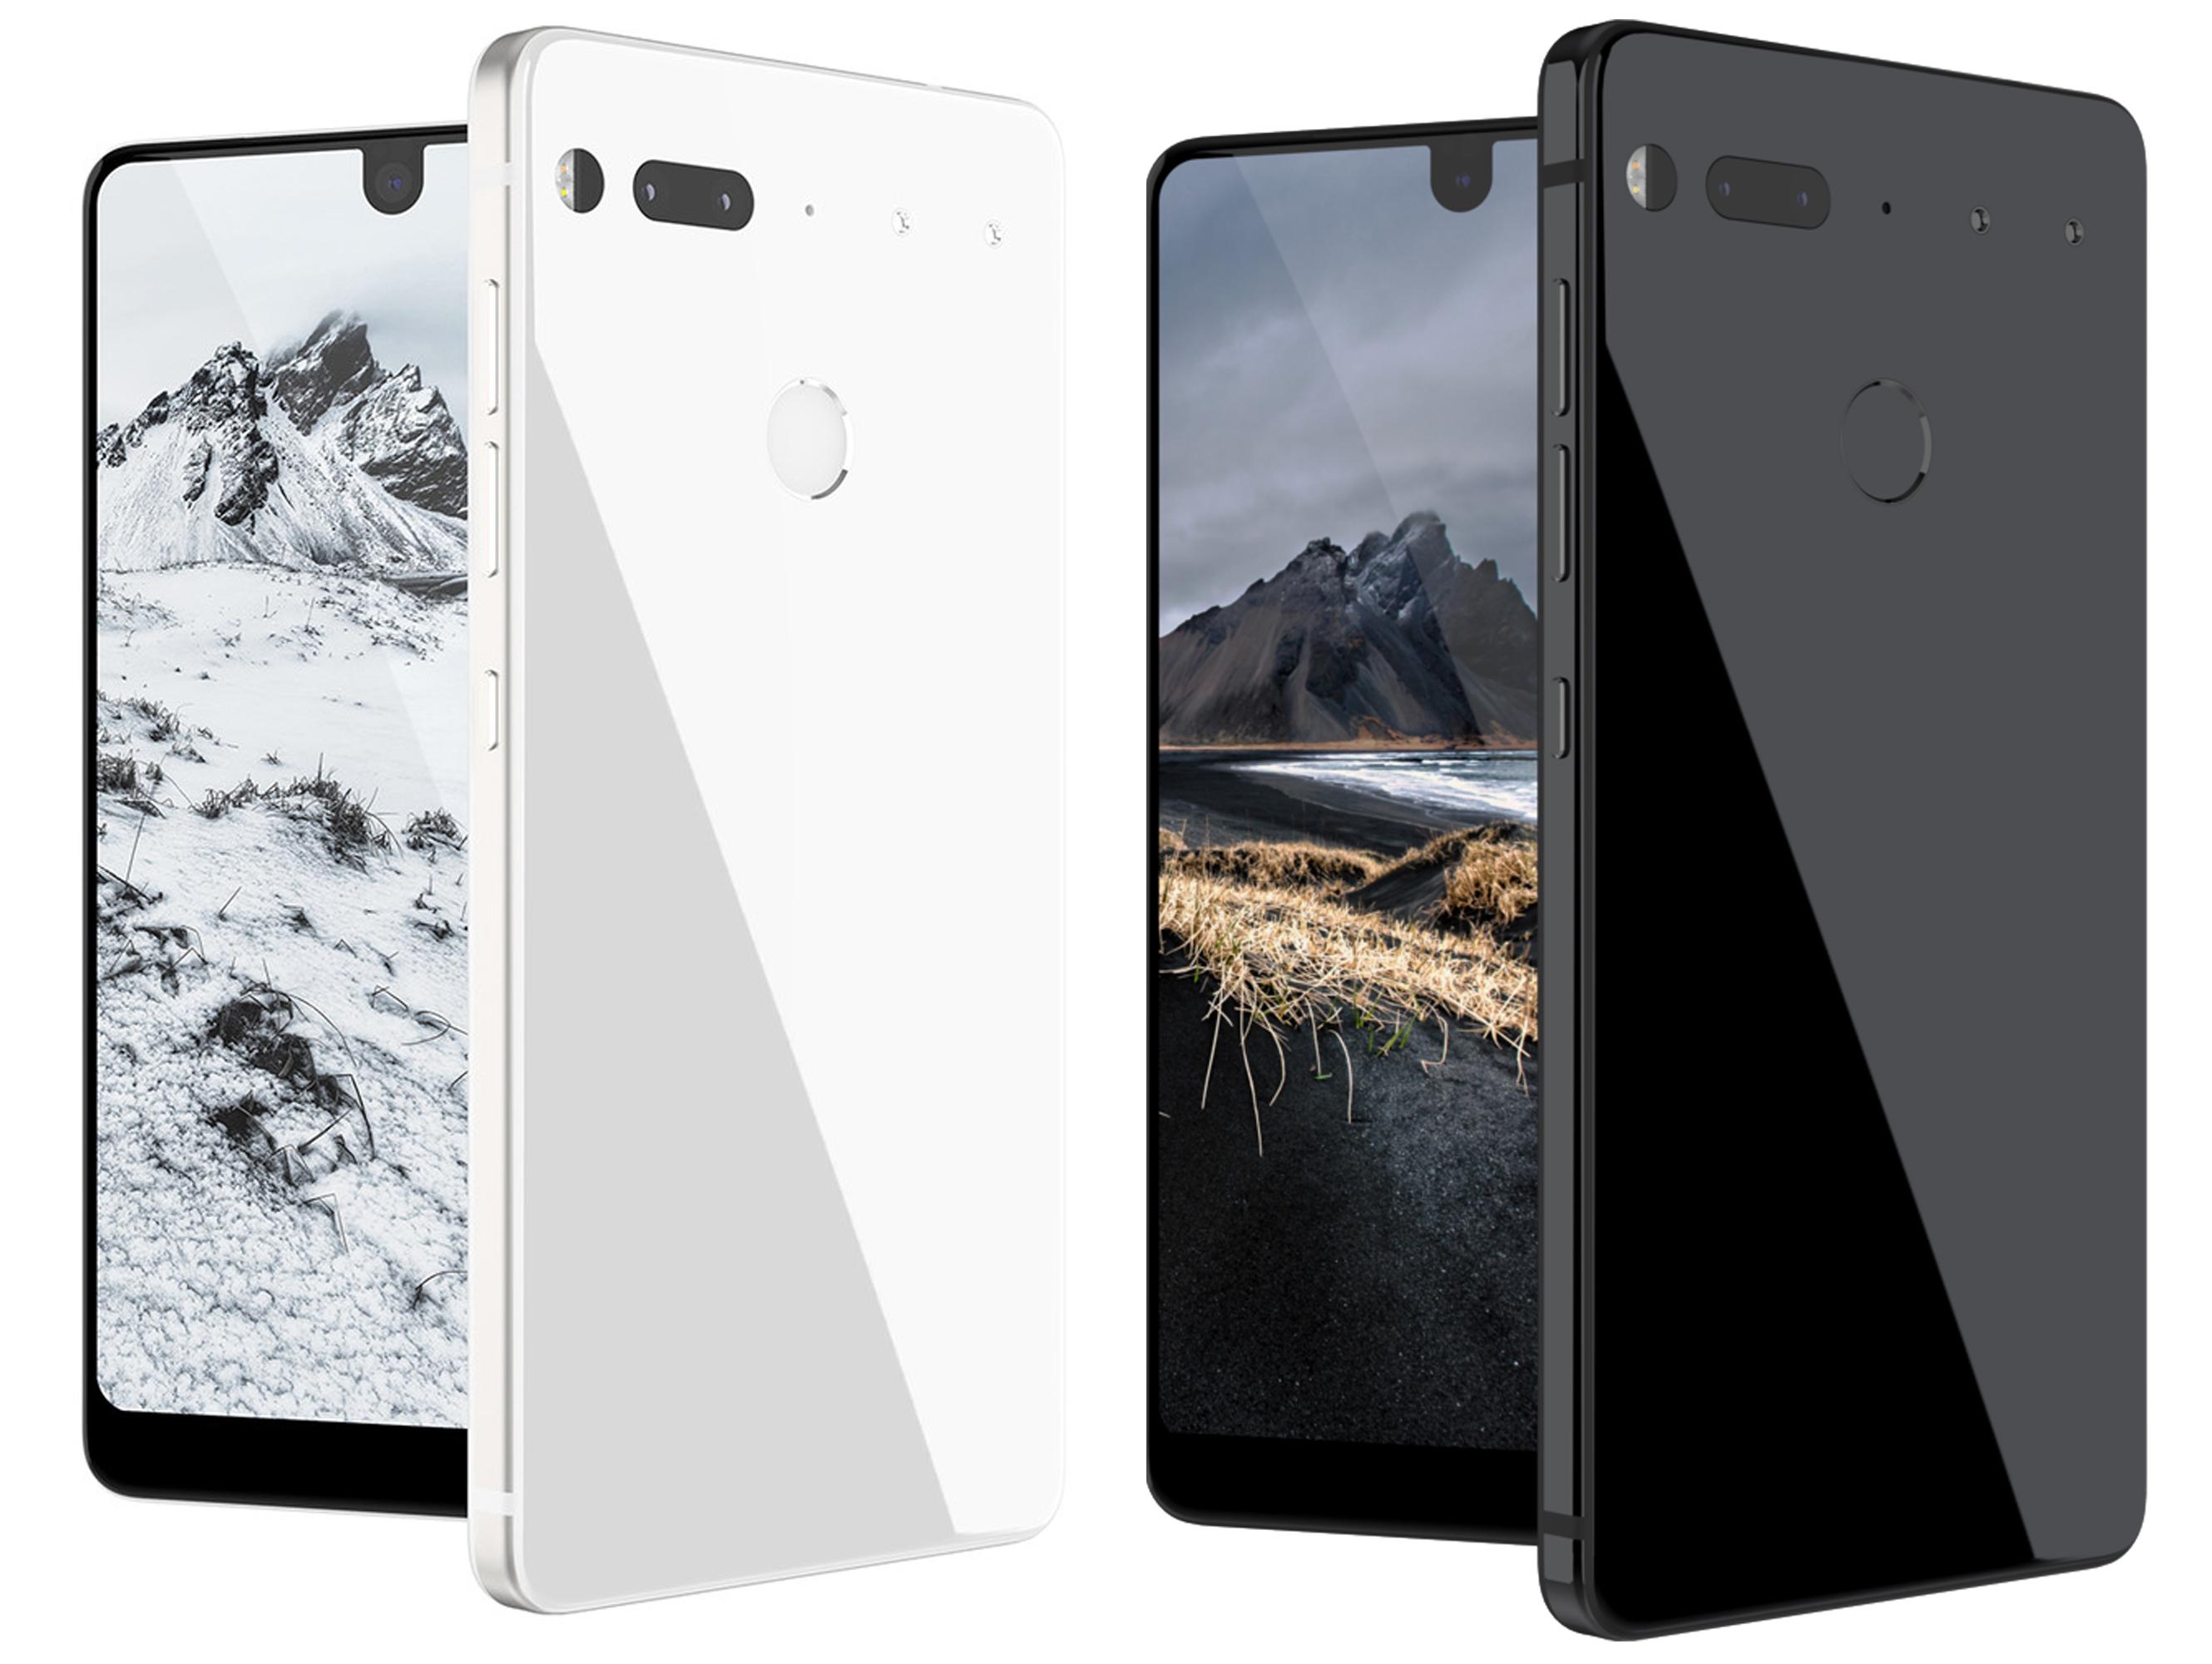 Телефон от создателя Android получил 1 балл из 10 по шкале ремонтопригодности iFixit